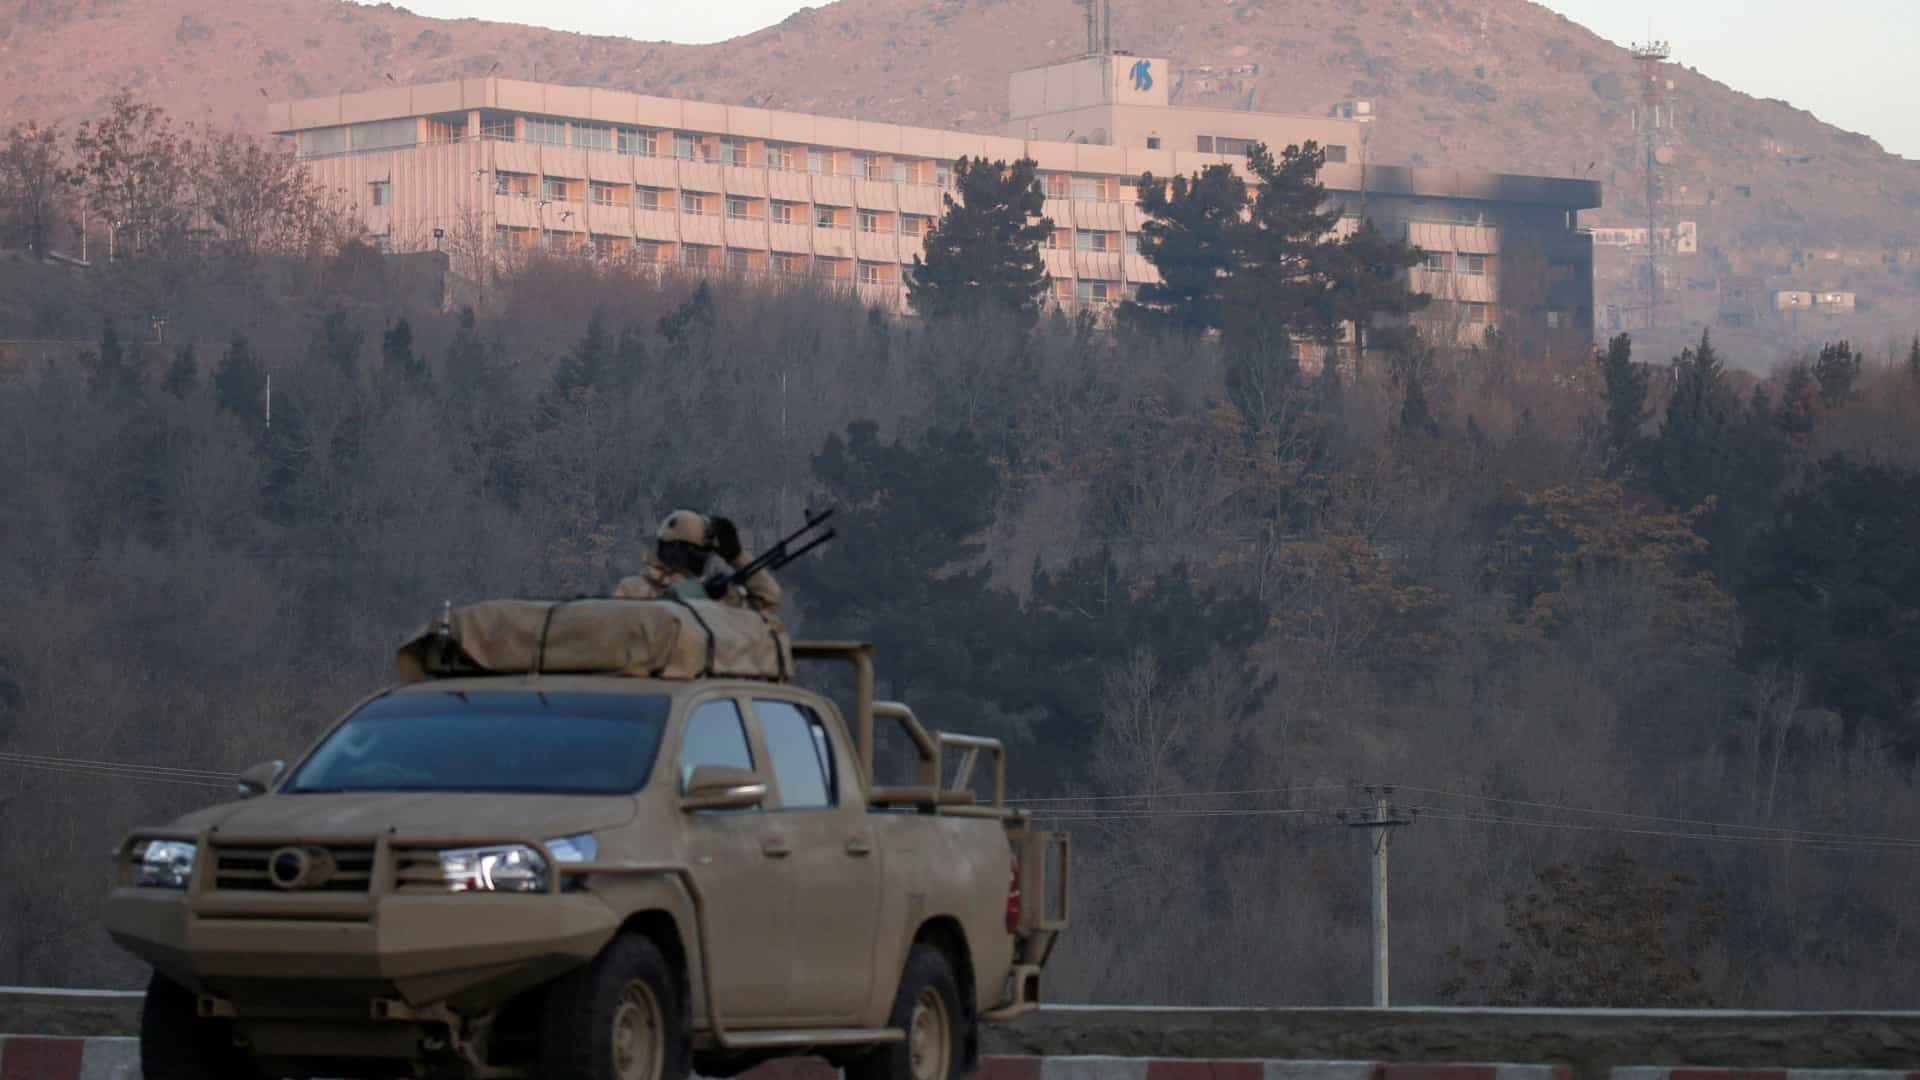 Cabul: Talibãs reivindicam ataque a hotel. Seis mortos, um é estrangeiro